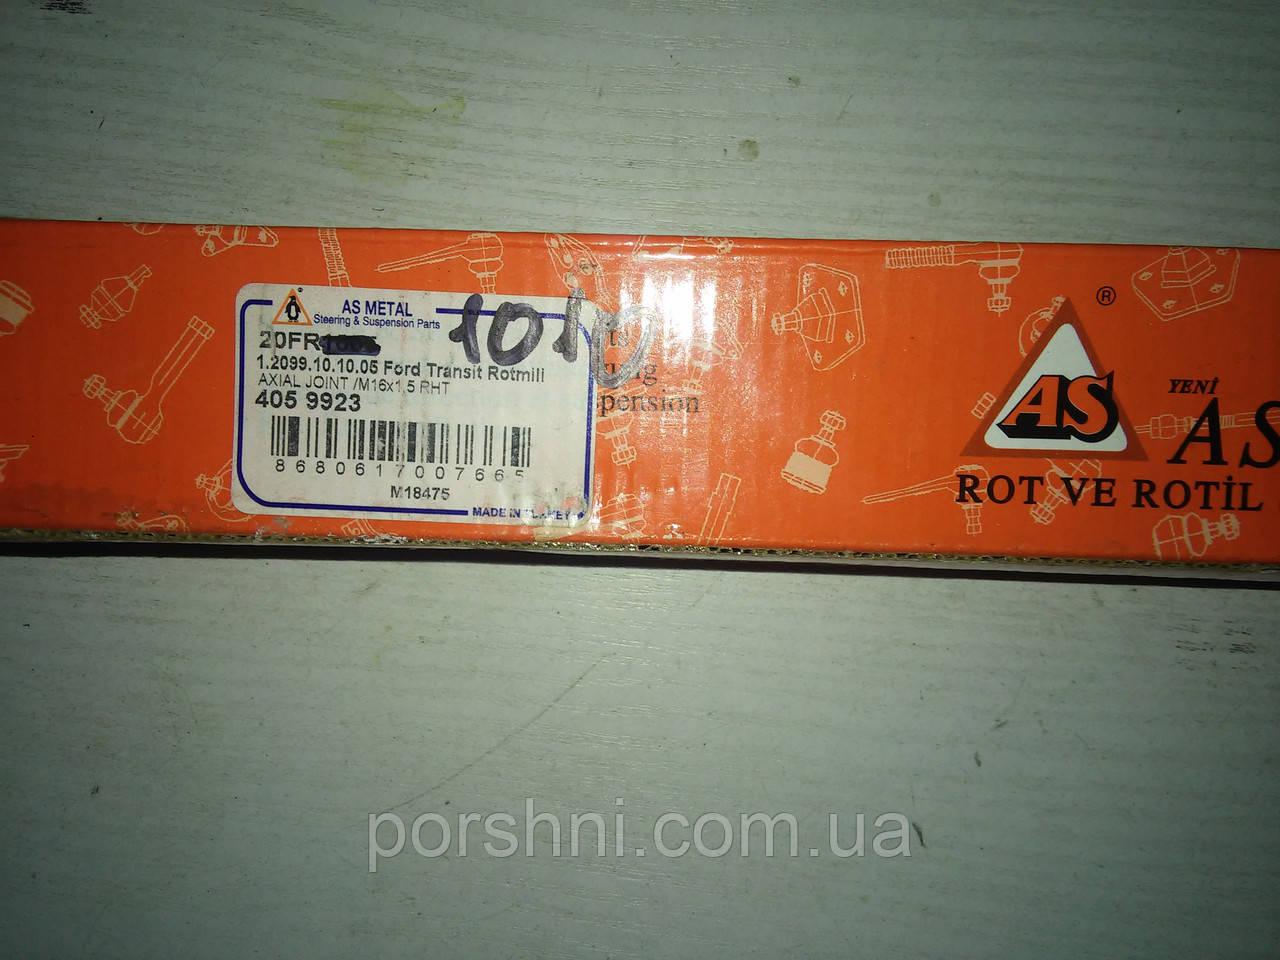 Рулевая  тяга Ford Тransit   2001 --  2006 --  RH   AS/METAL  1.2099.10.10.10 / 20FR1010